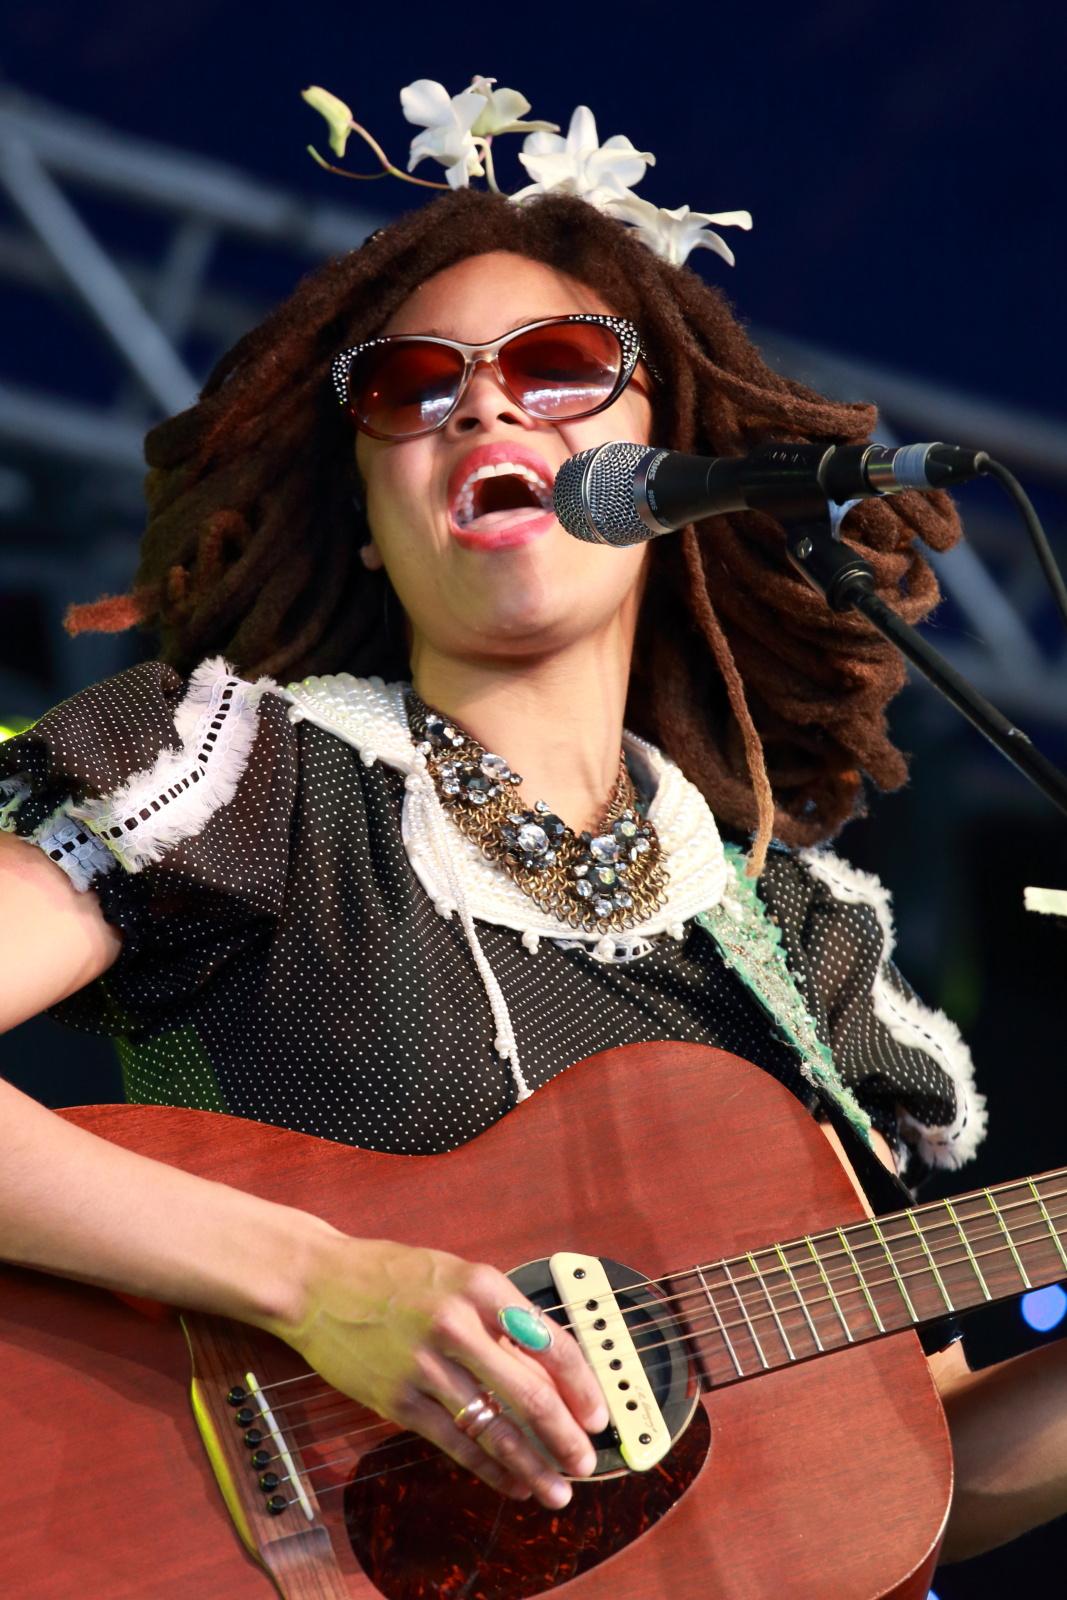 June Valerie Guitar Chords Guitar Tabs And Lyrics Songs From Chordie